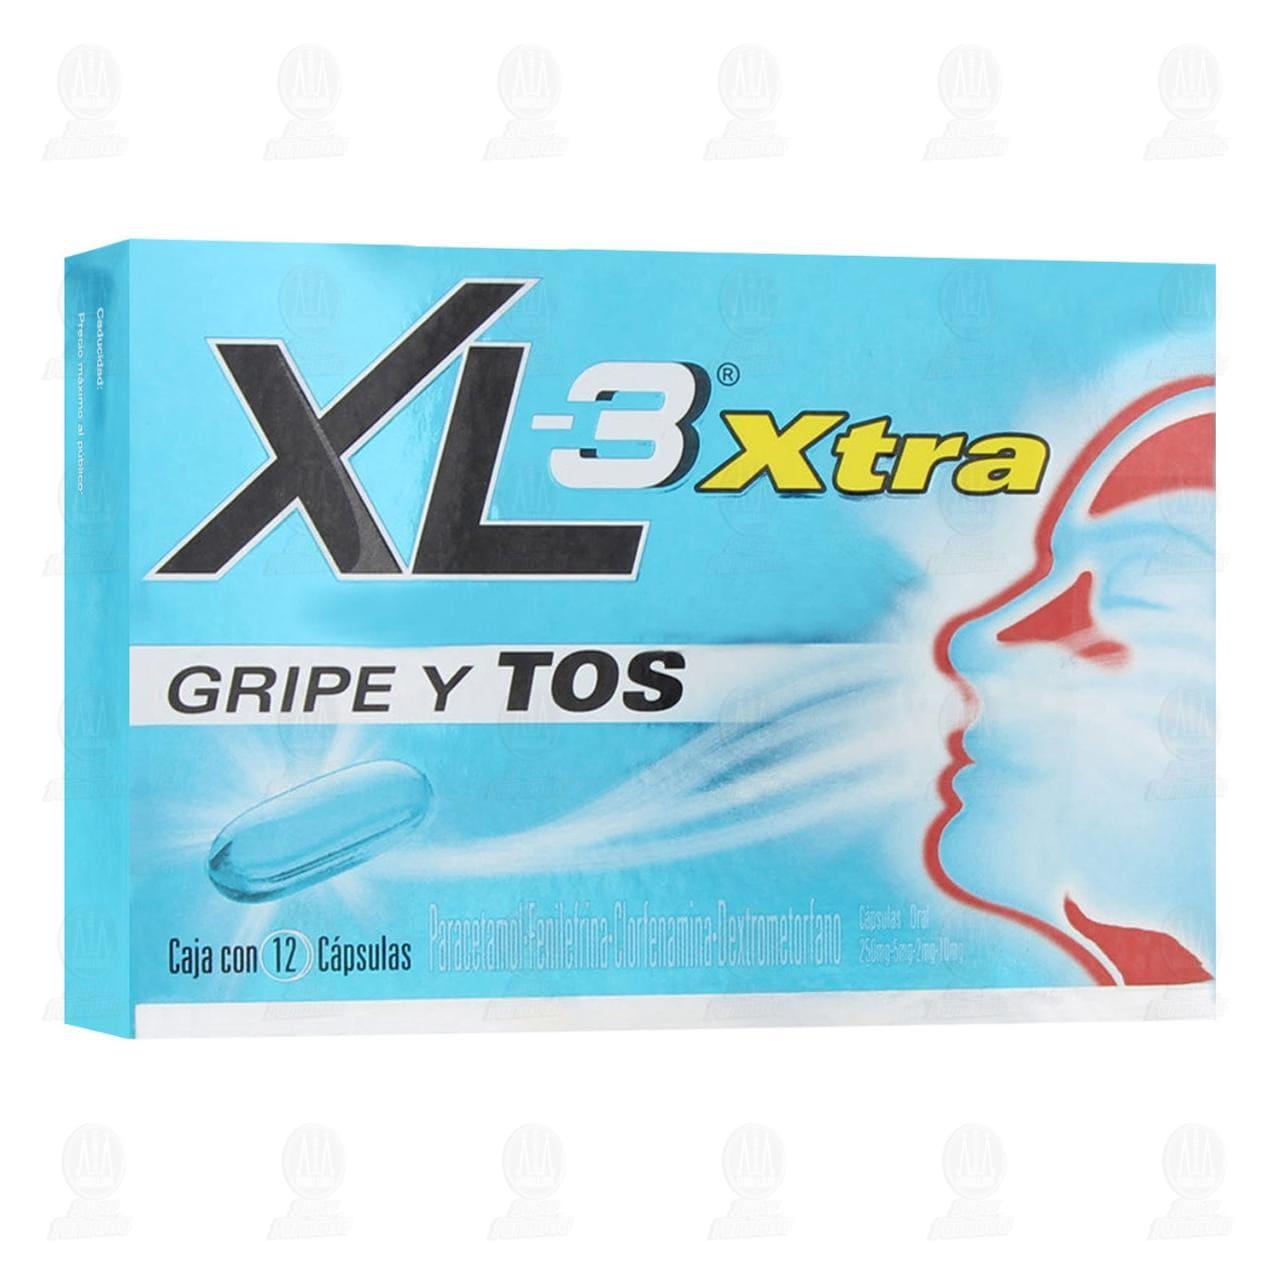 Xl-3 Xtra Gripe y Tos 12 Cápsulas